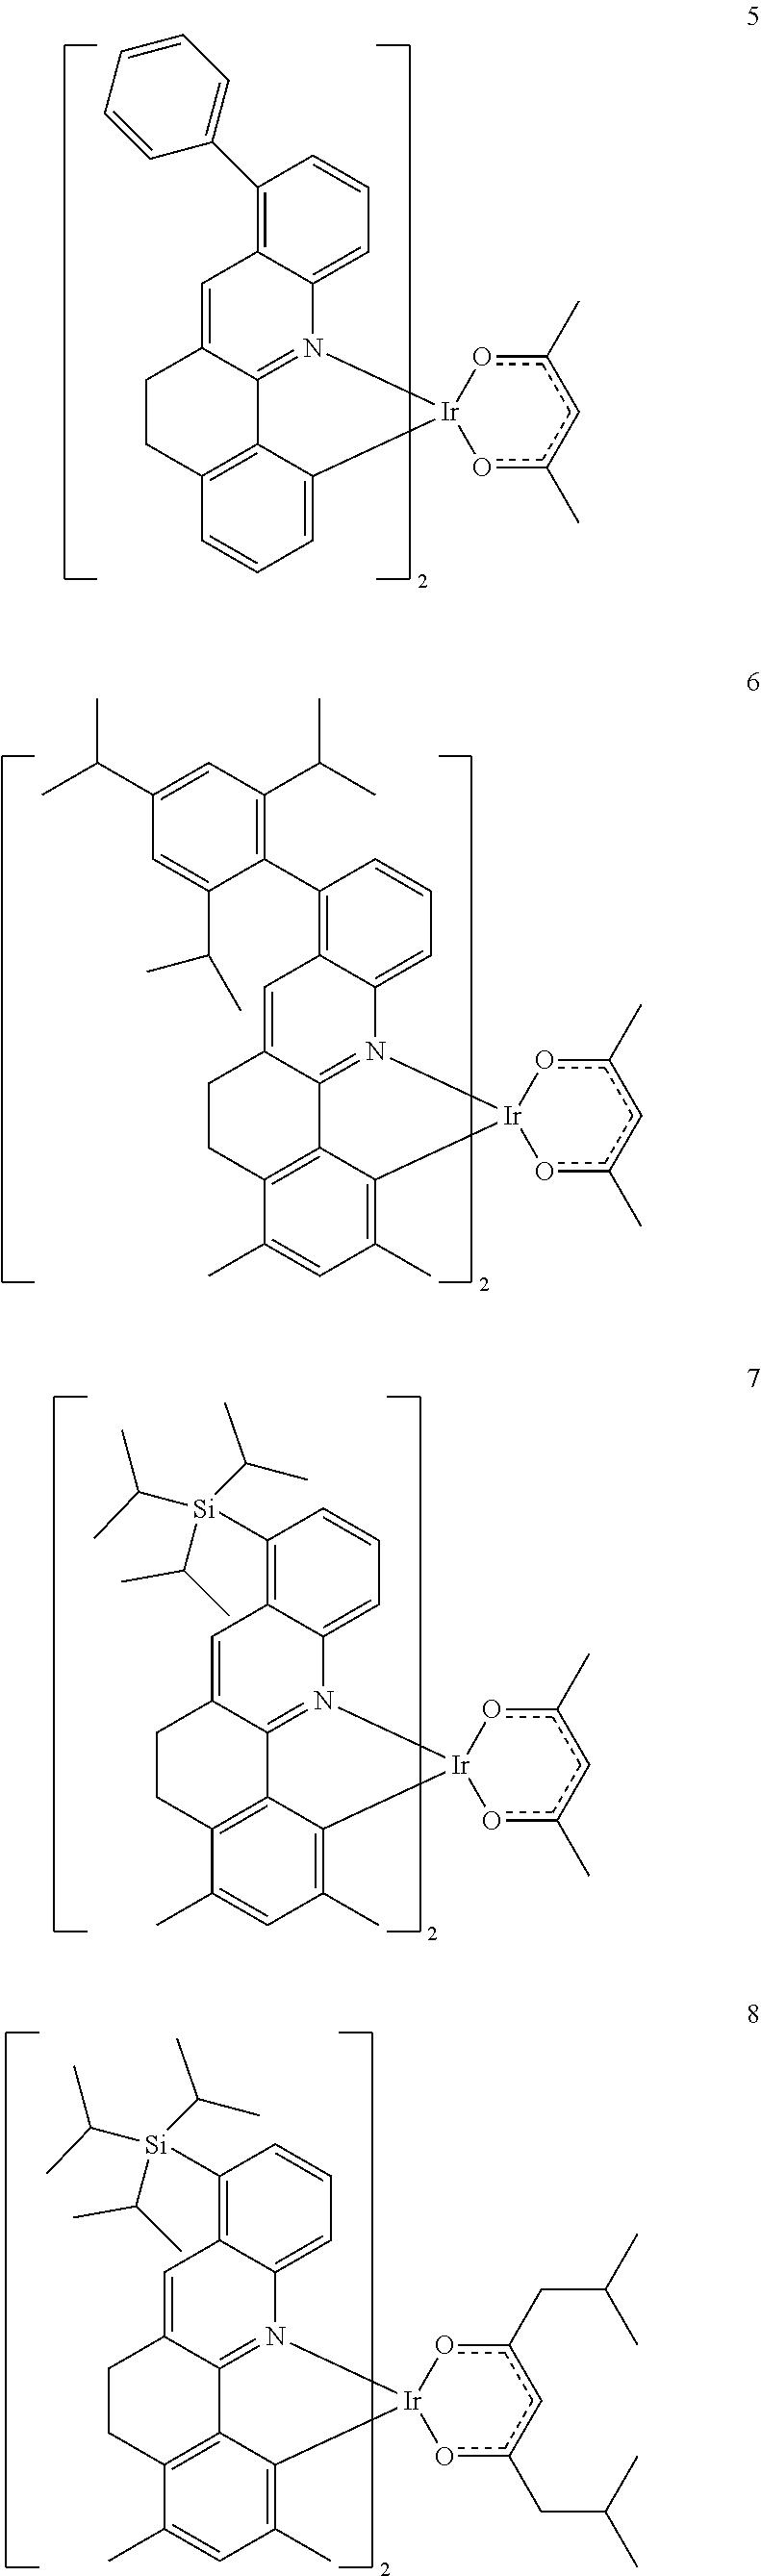 Figure US20130032785A1-20130207-C00216